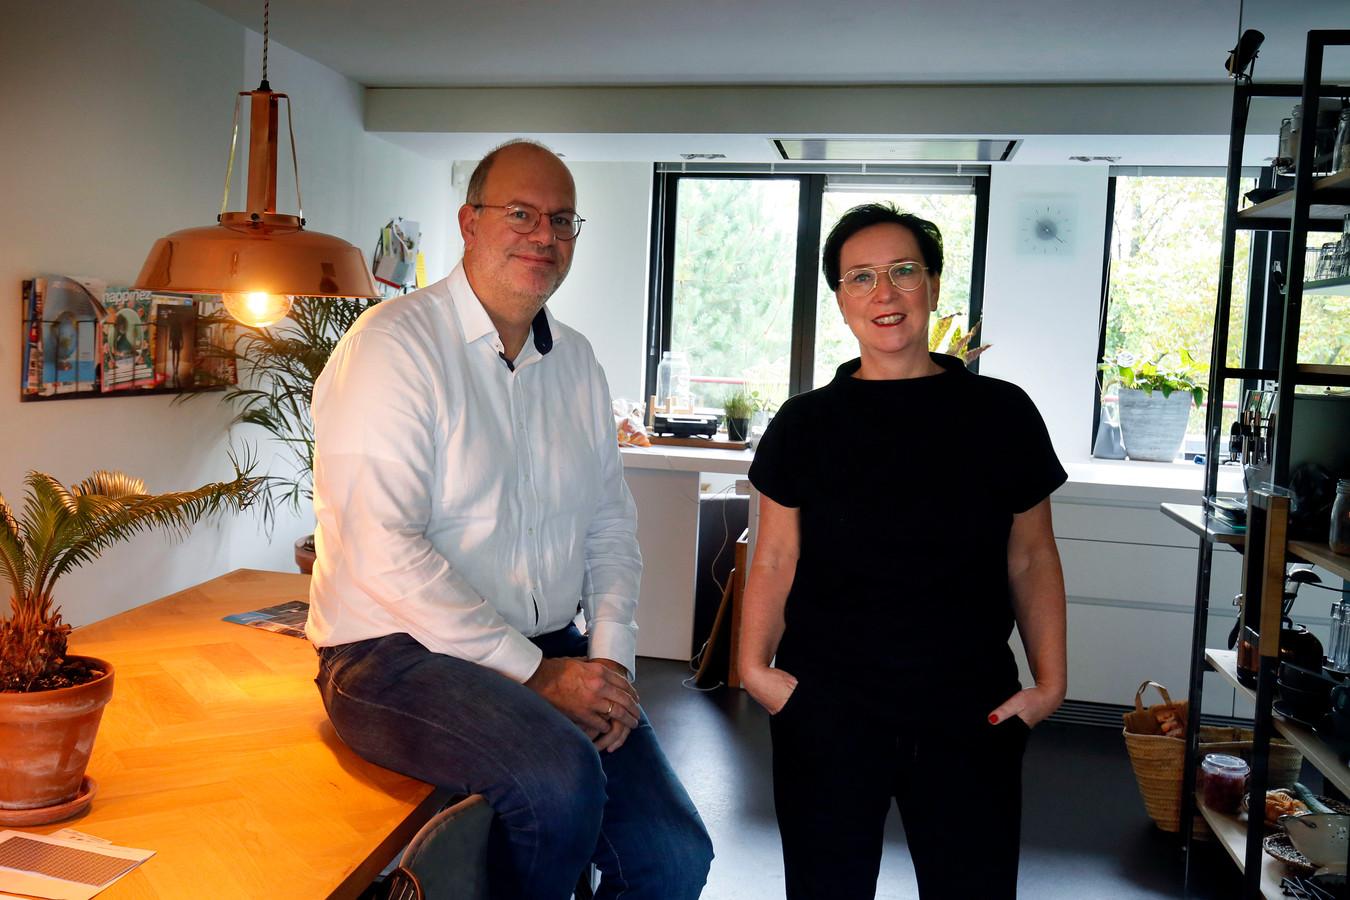 Johan en Marina Boonekamp richten eind 2018 stichting MUS op. Het doel: ervoor zorgen dat hun zoon Thijs en andere jongeren zelfstandig kunnen wonen.